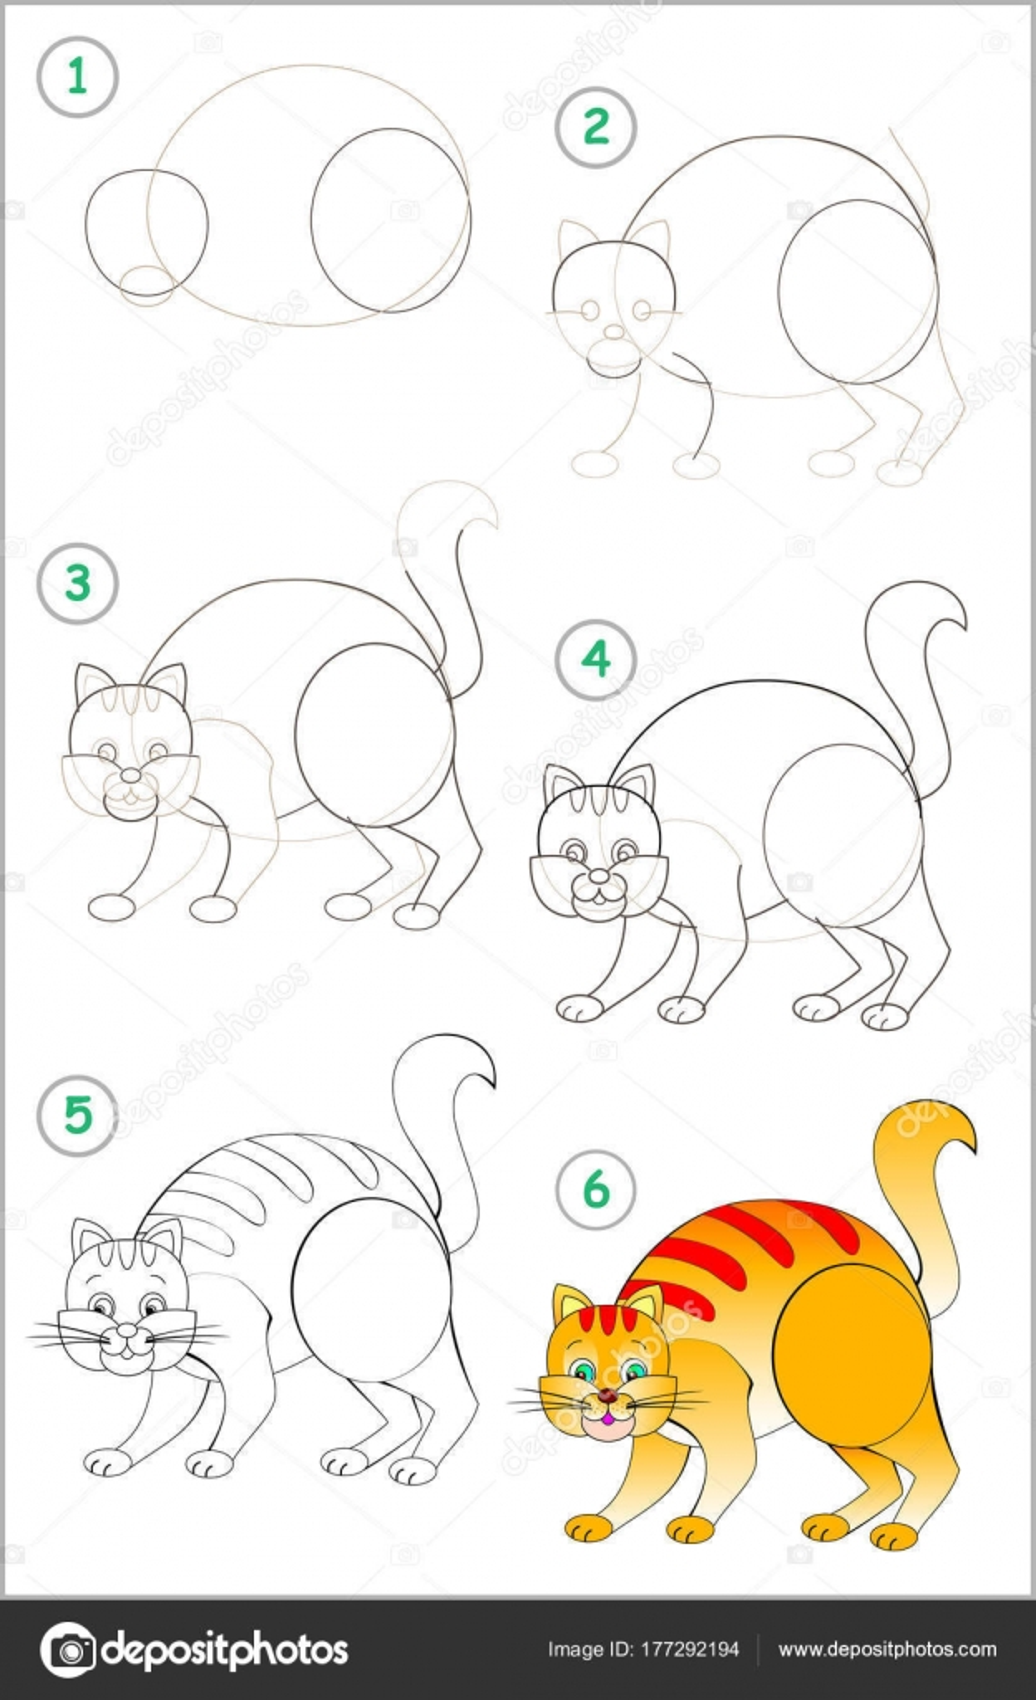 Dibujos Cómo Dibujar Un Gatito Página Muestra Cómo Aprender Paso